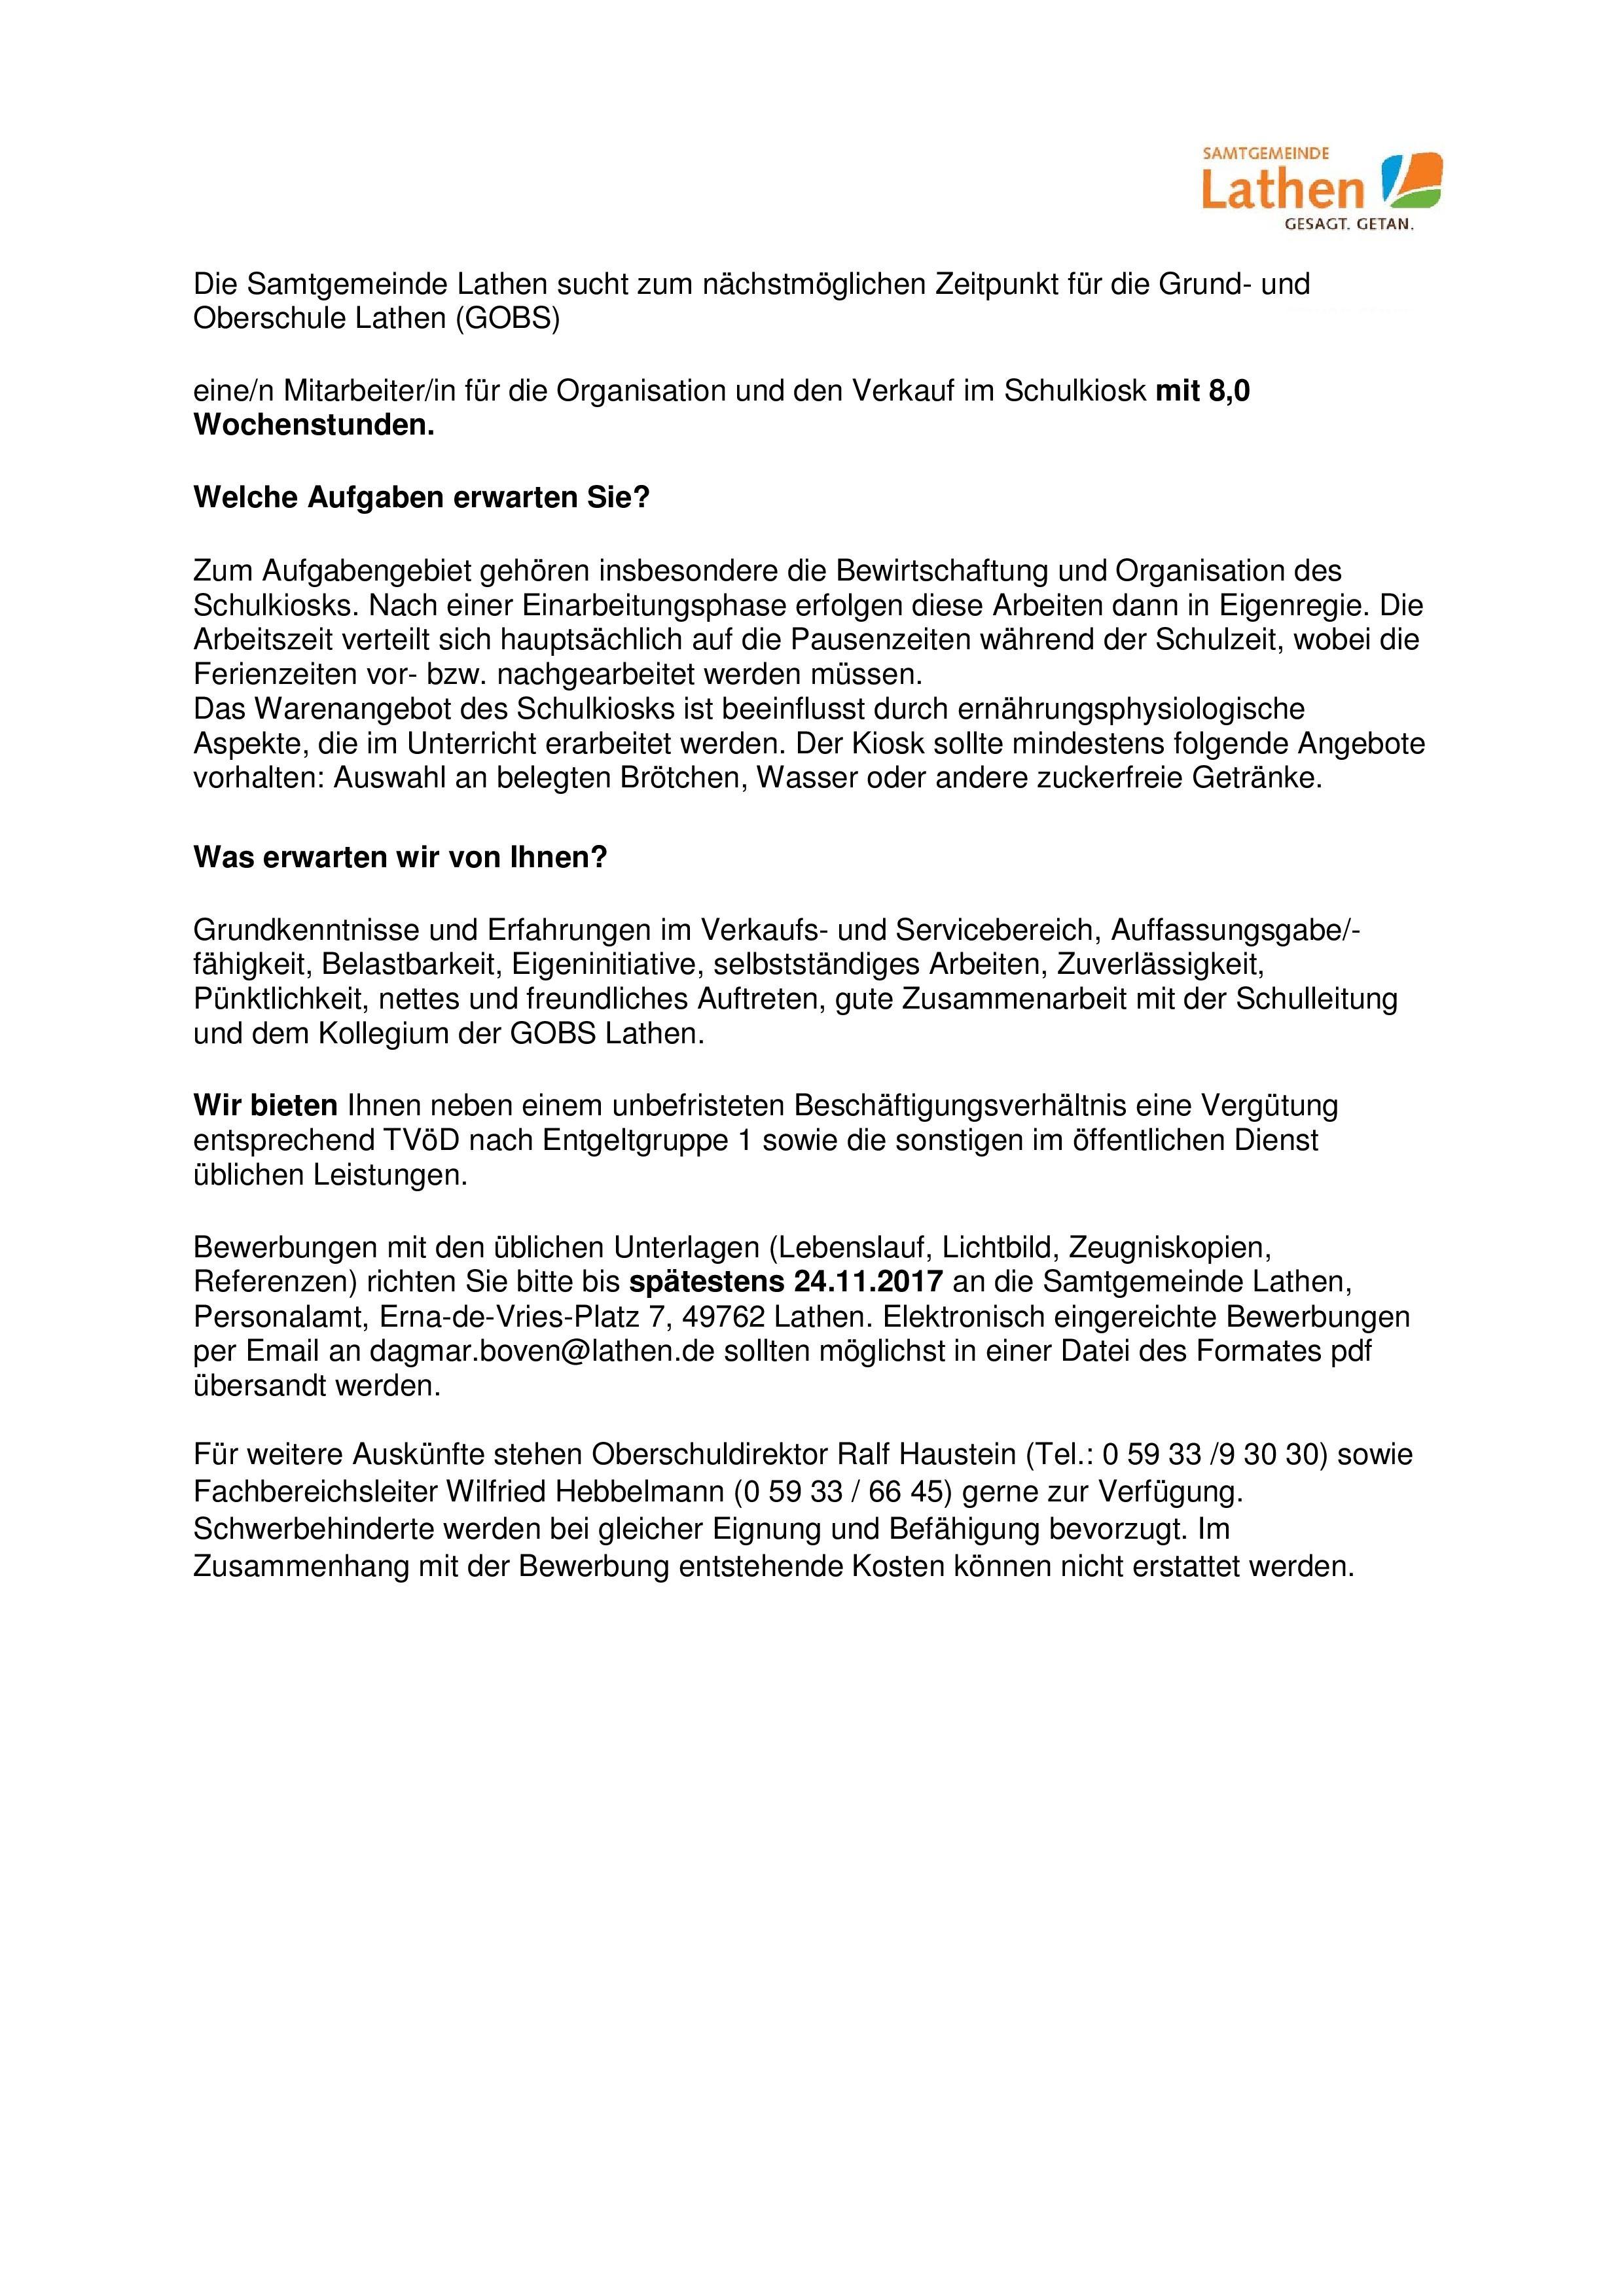 Gemütlich Gleicher Lebenslauf Zeitgenössisch - Entry Level Resume ...